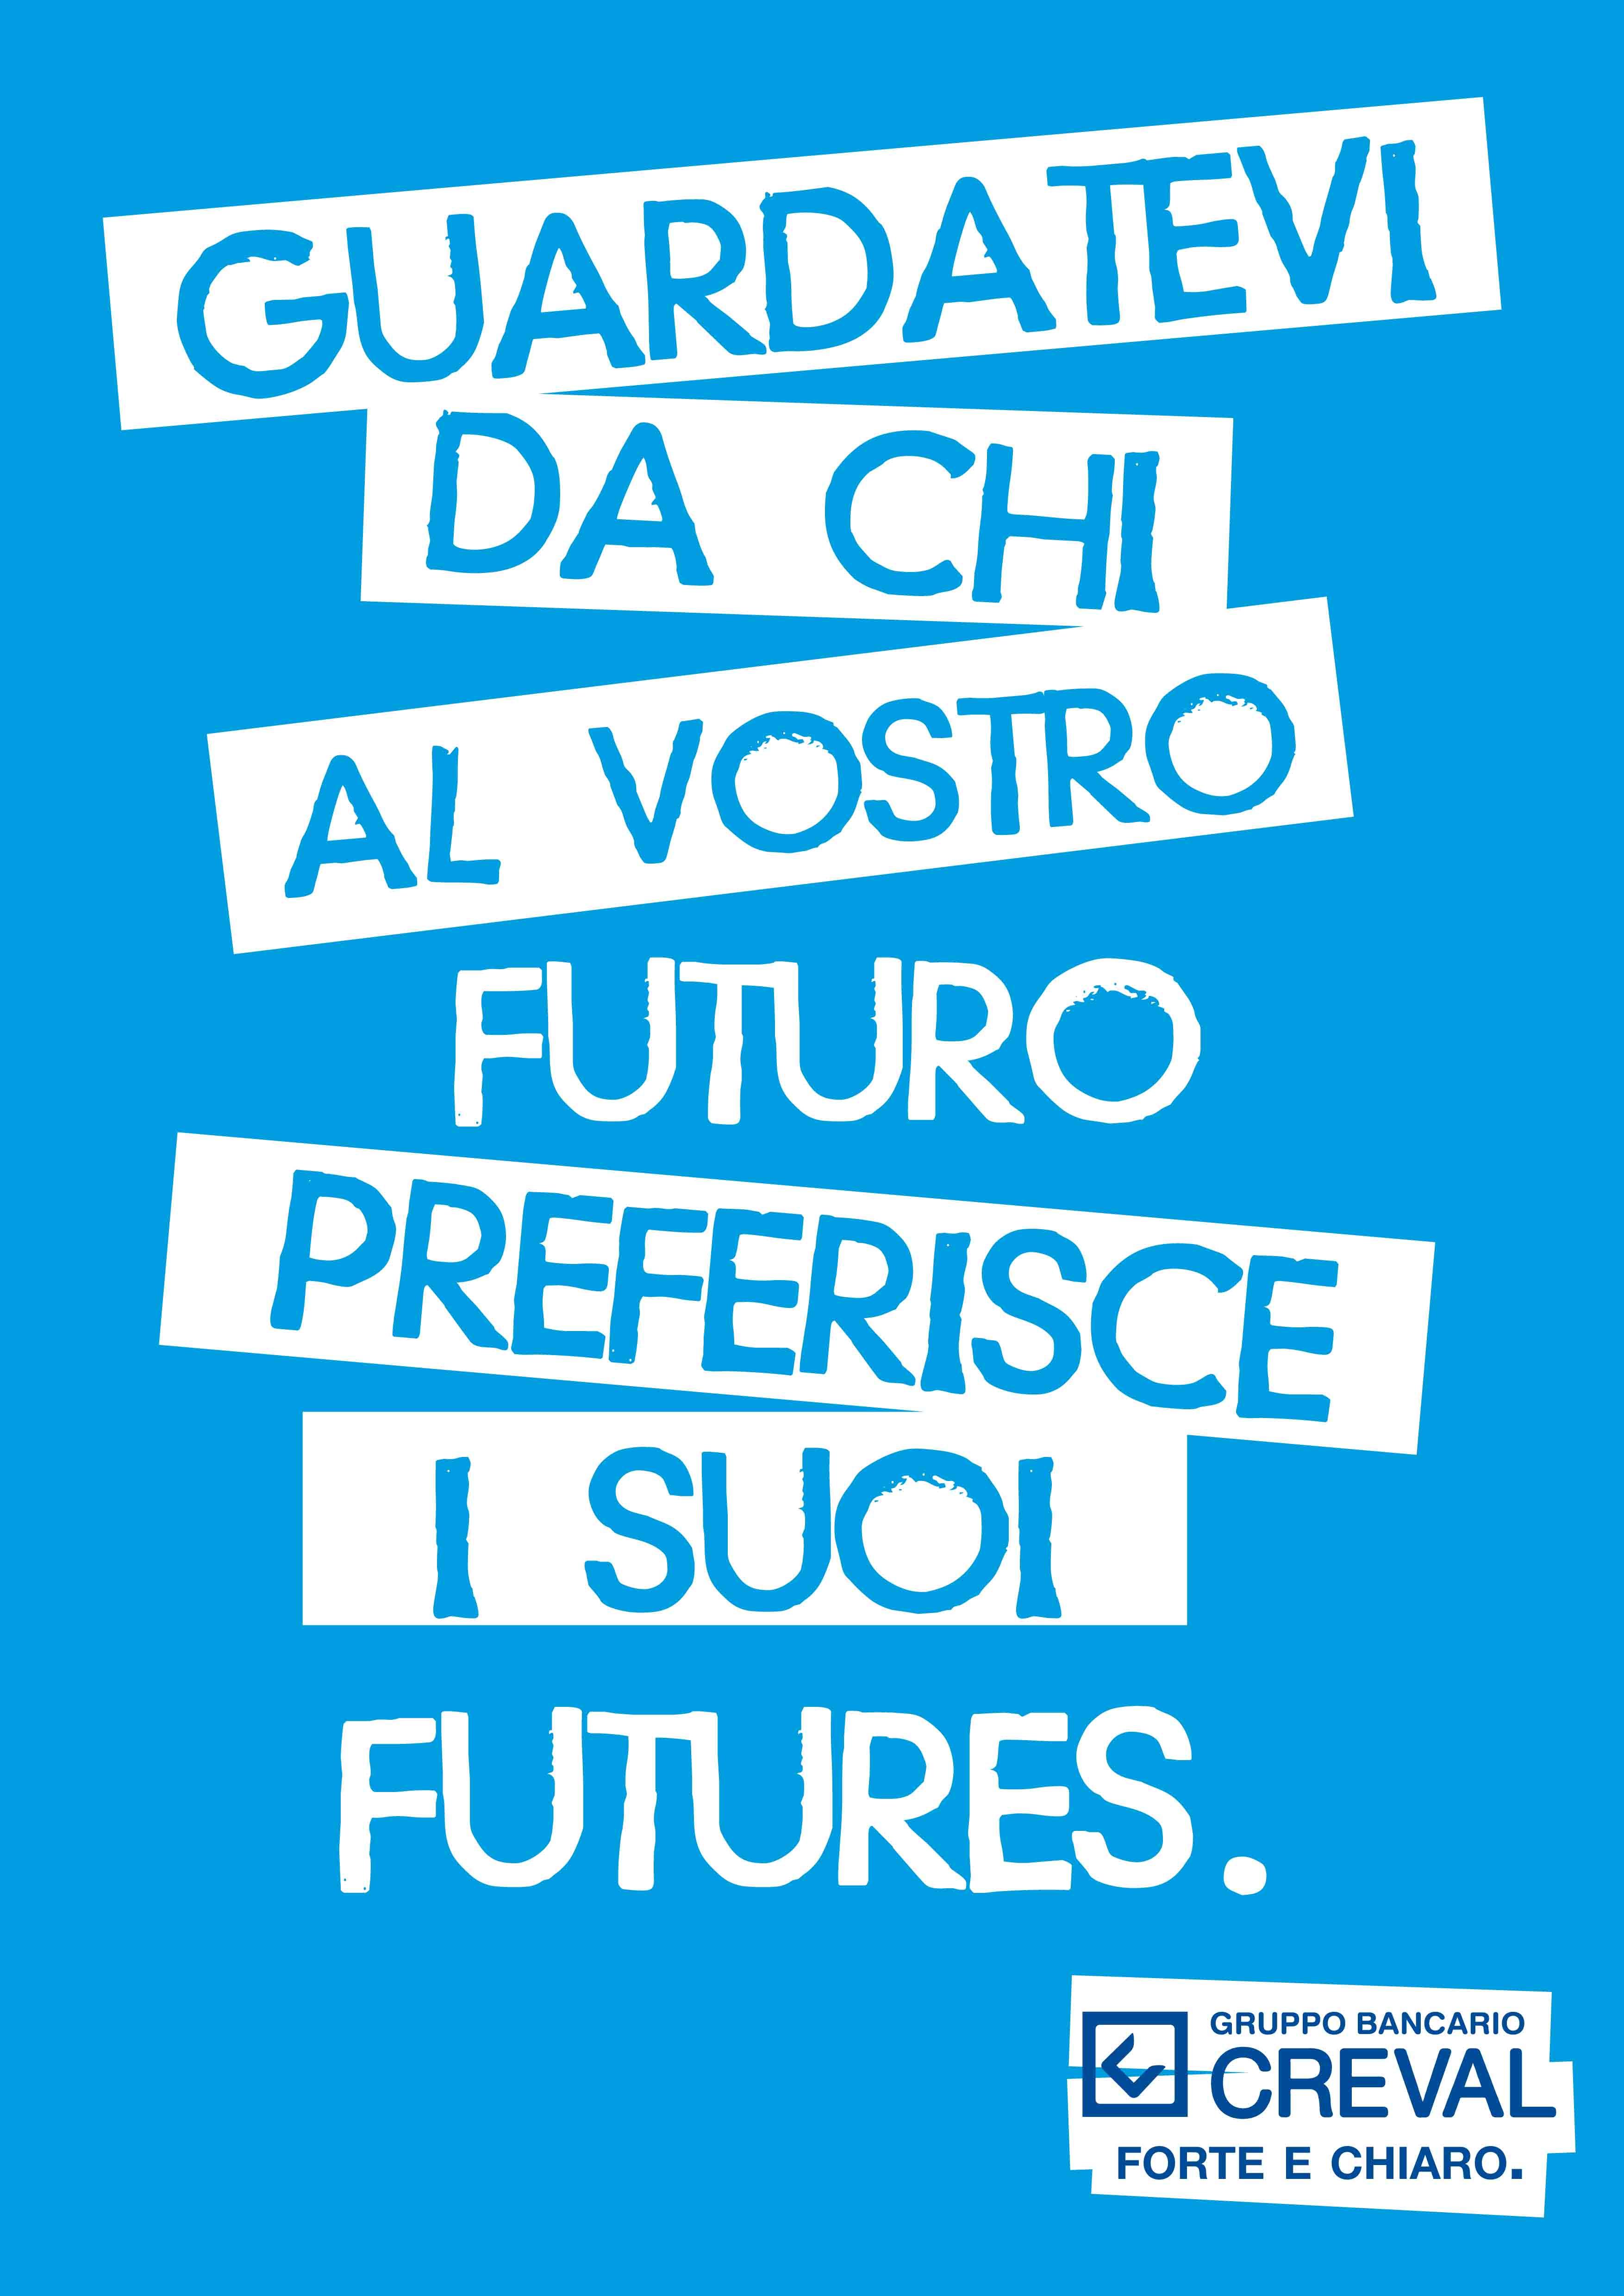 creval futuro